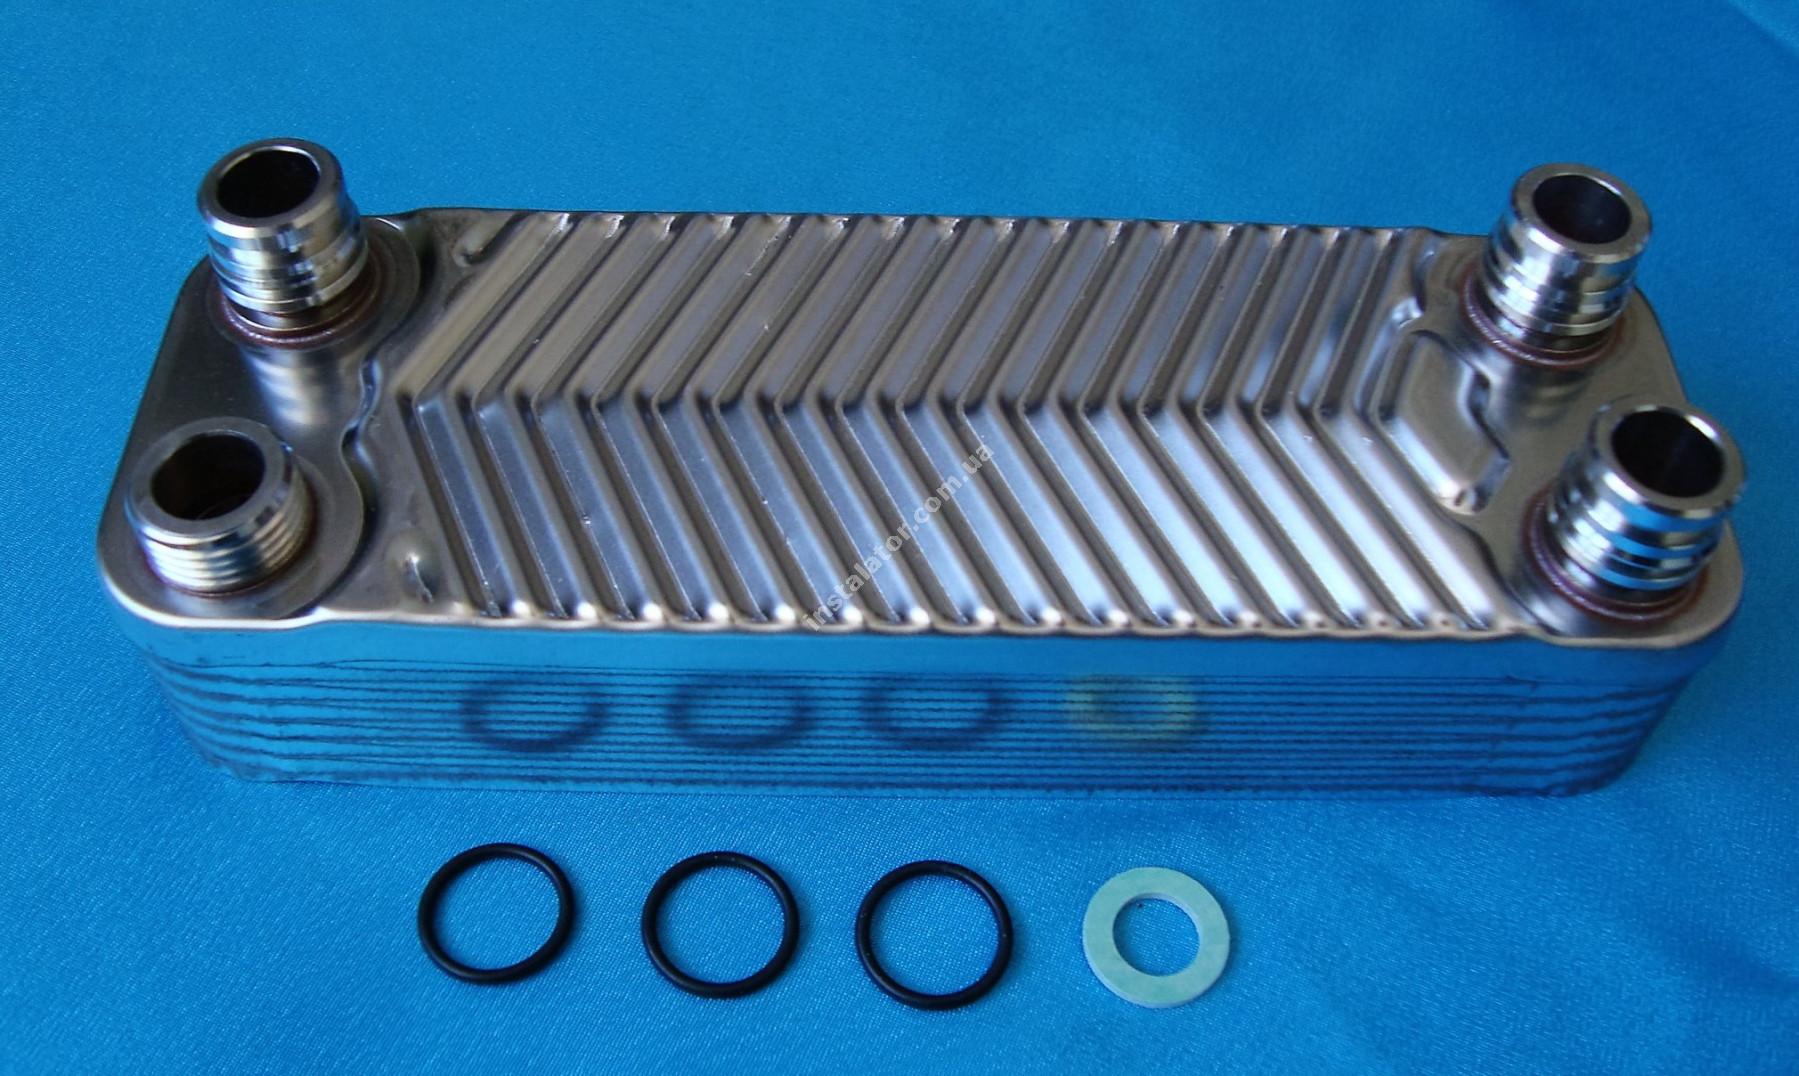 065088 (0020073794) Теплообмінник вторинний  Vaillant TURBOmax, ATMOmax  Plus full-image-3